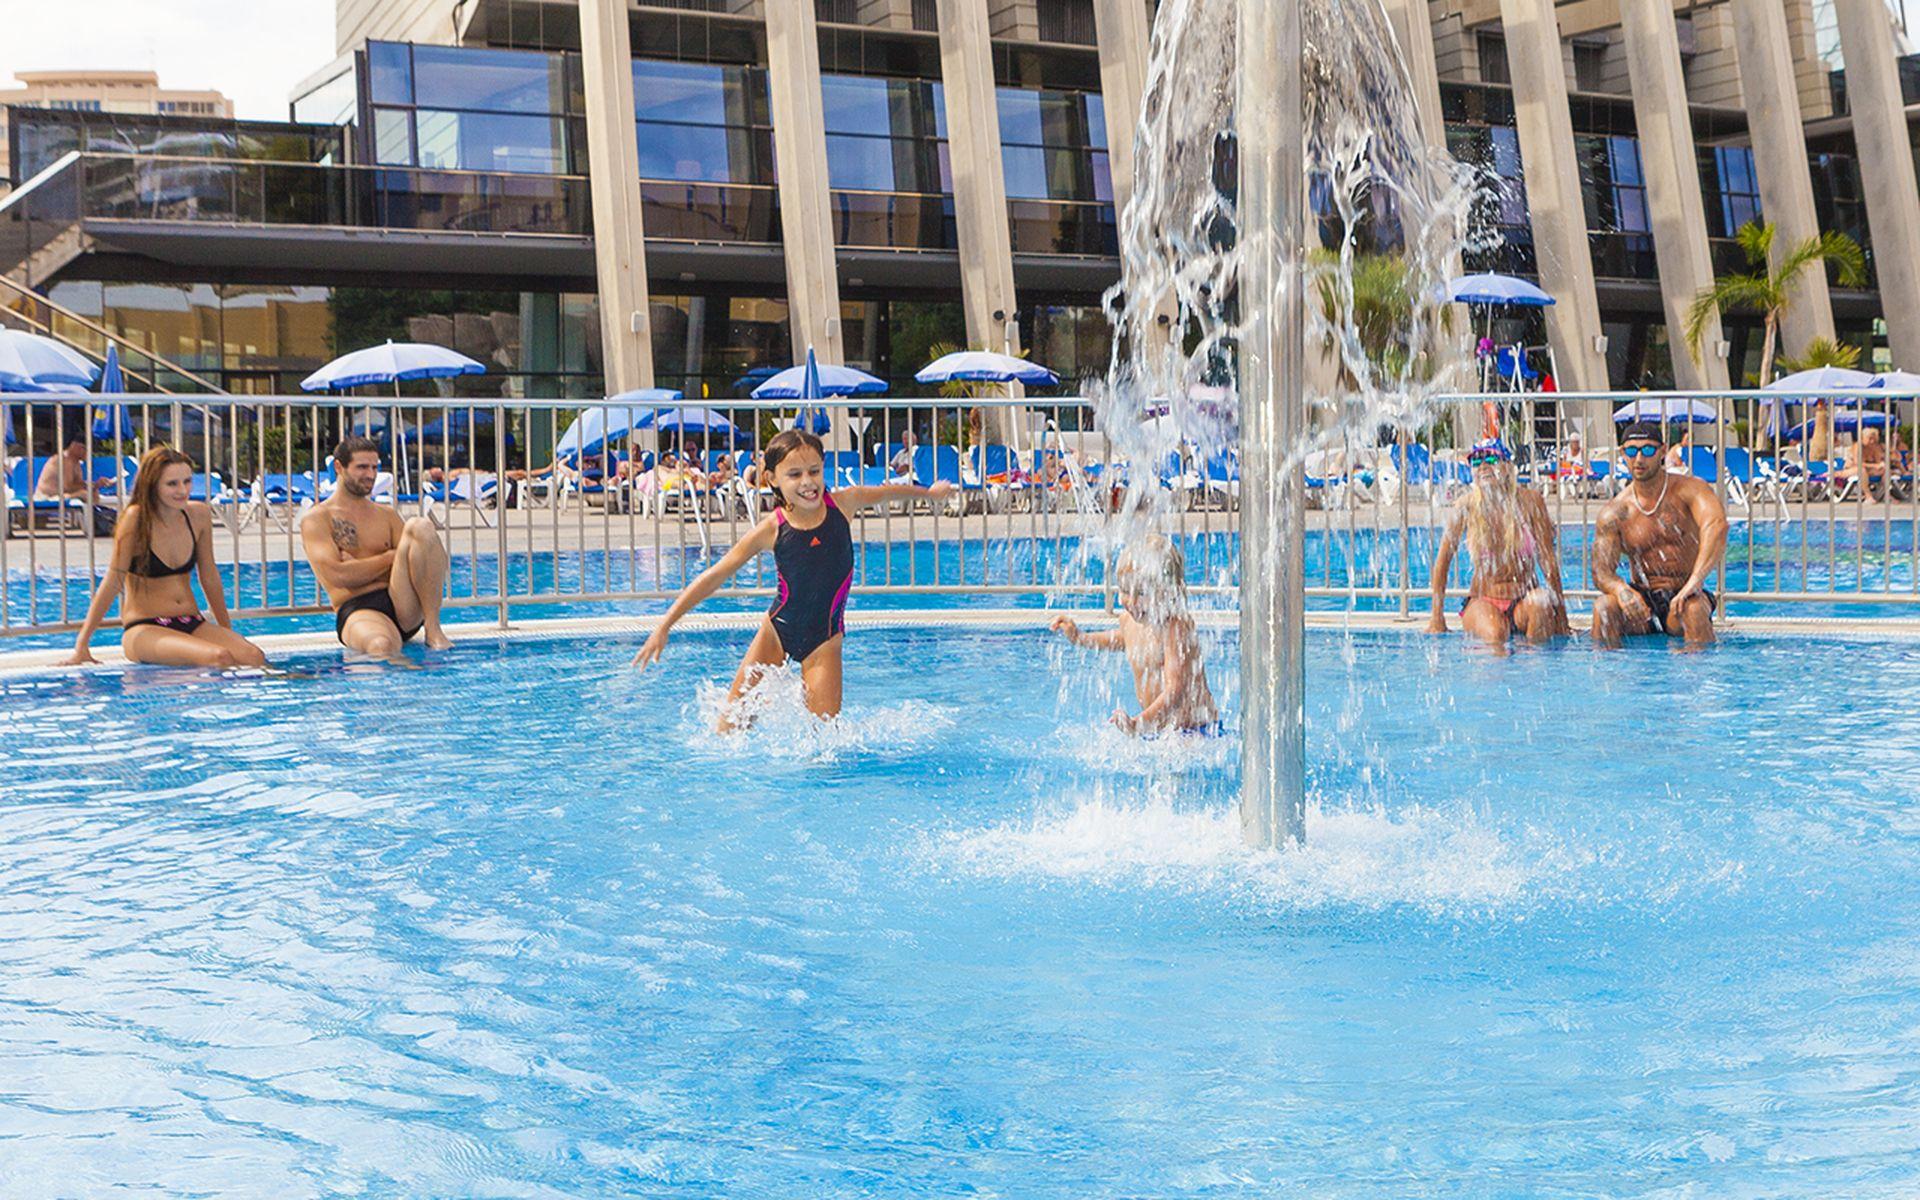 Gran hotel bali en benidorm costa blanca desde 33 for Piscinas benidorm